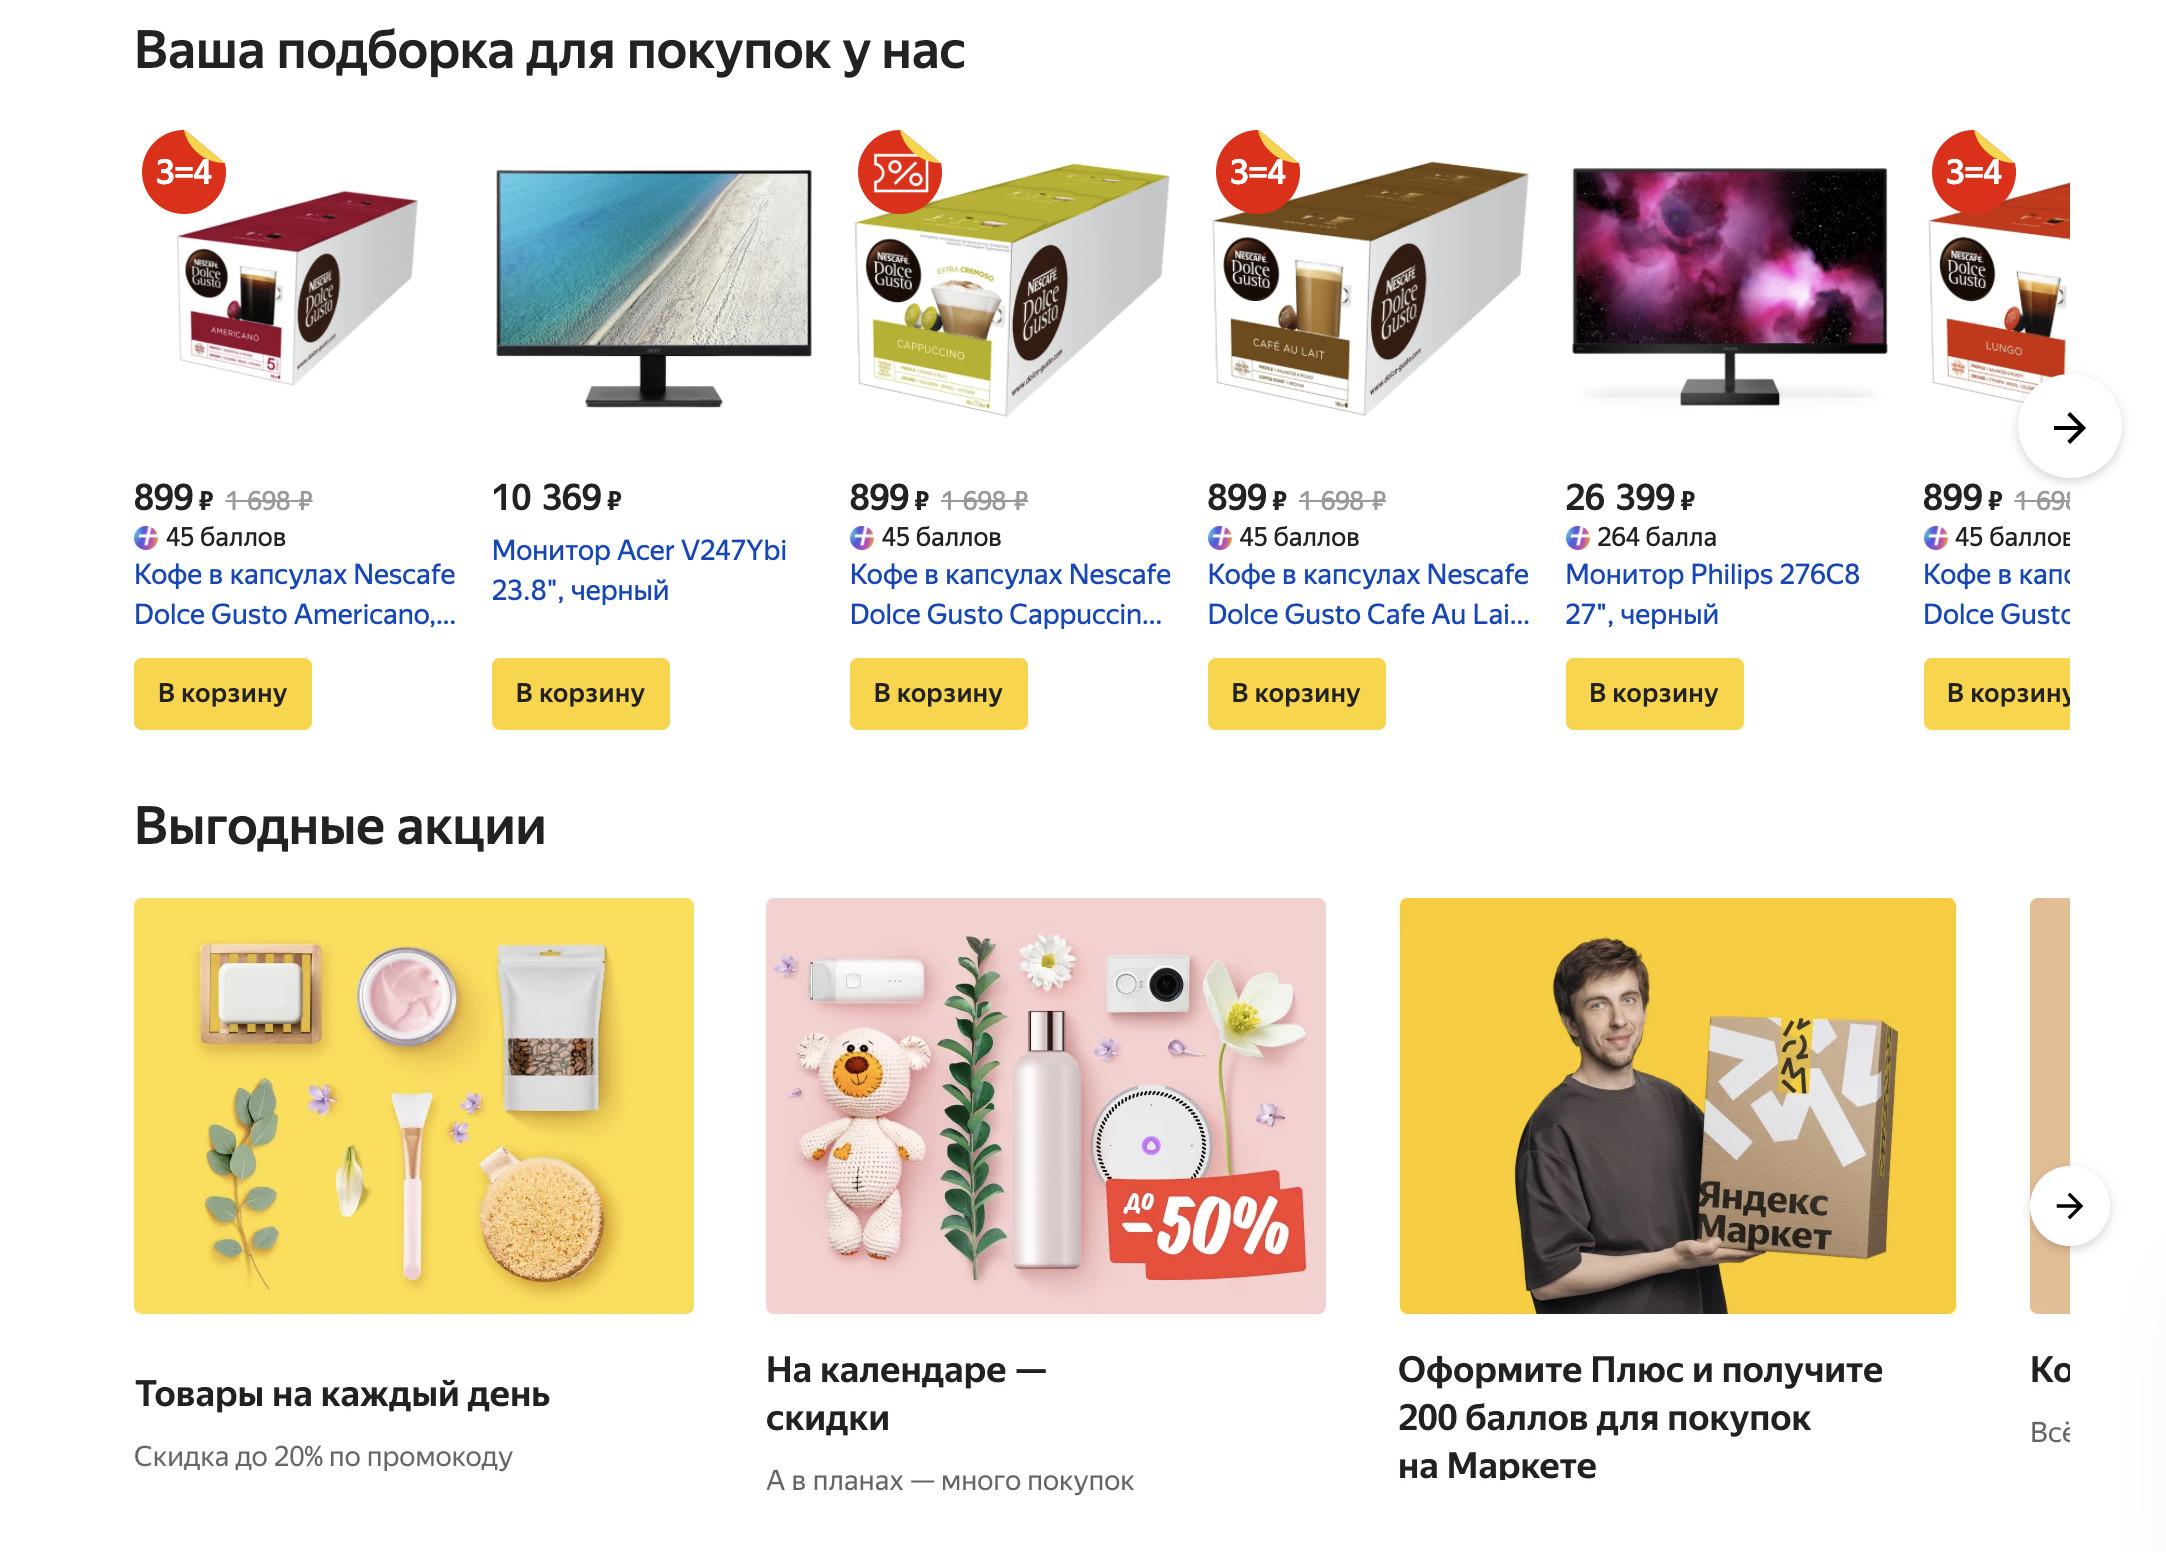 Доставка из Яндекс.Маркет в Альметьевск, сроки, пункты выдачи, каталог